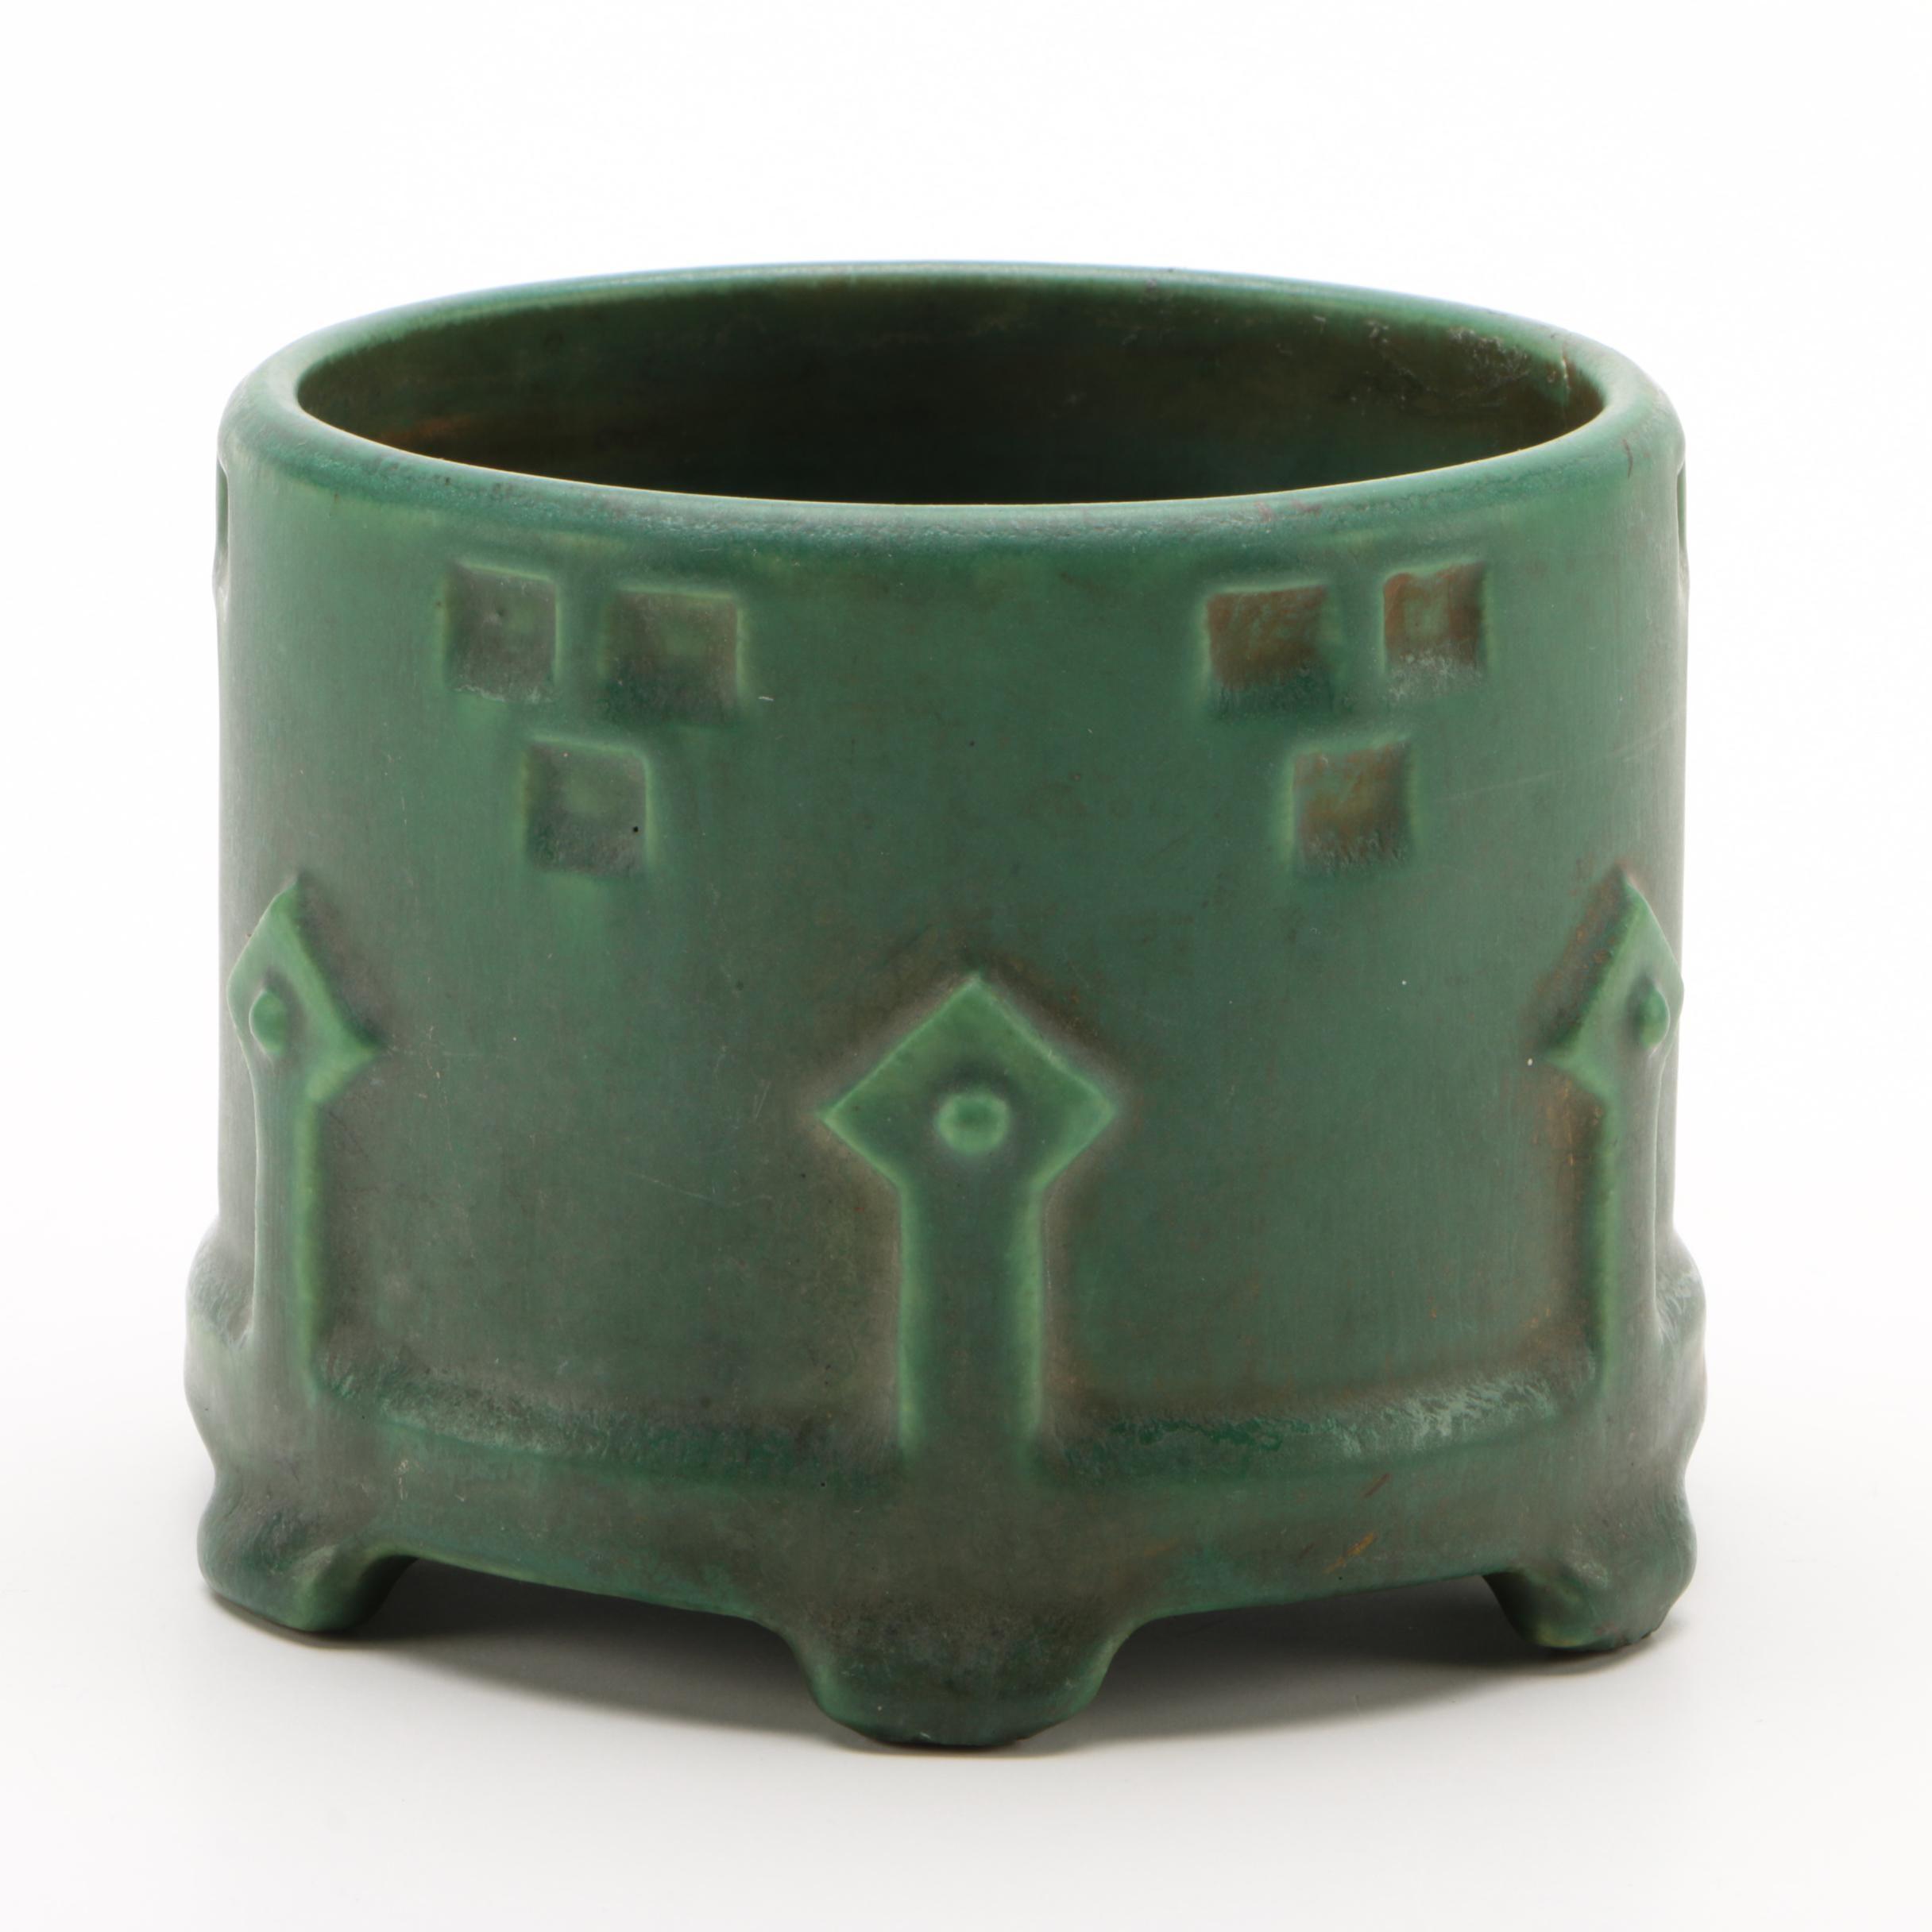 American Modern Art Pottery Earthenware Cachepot